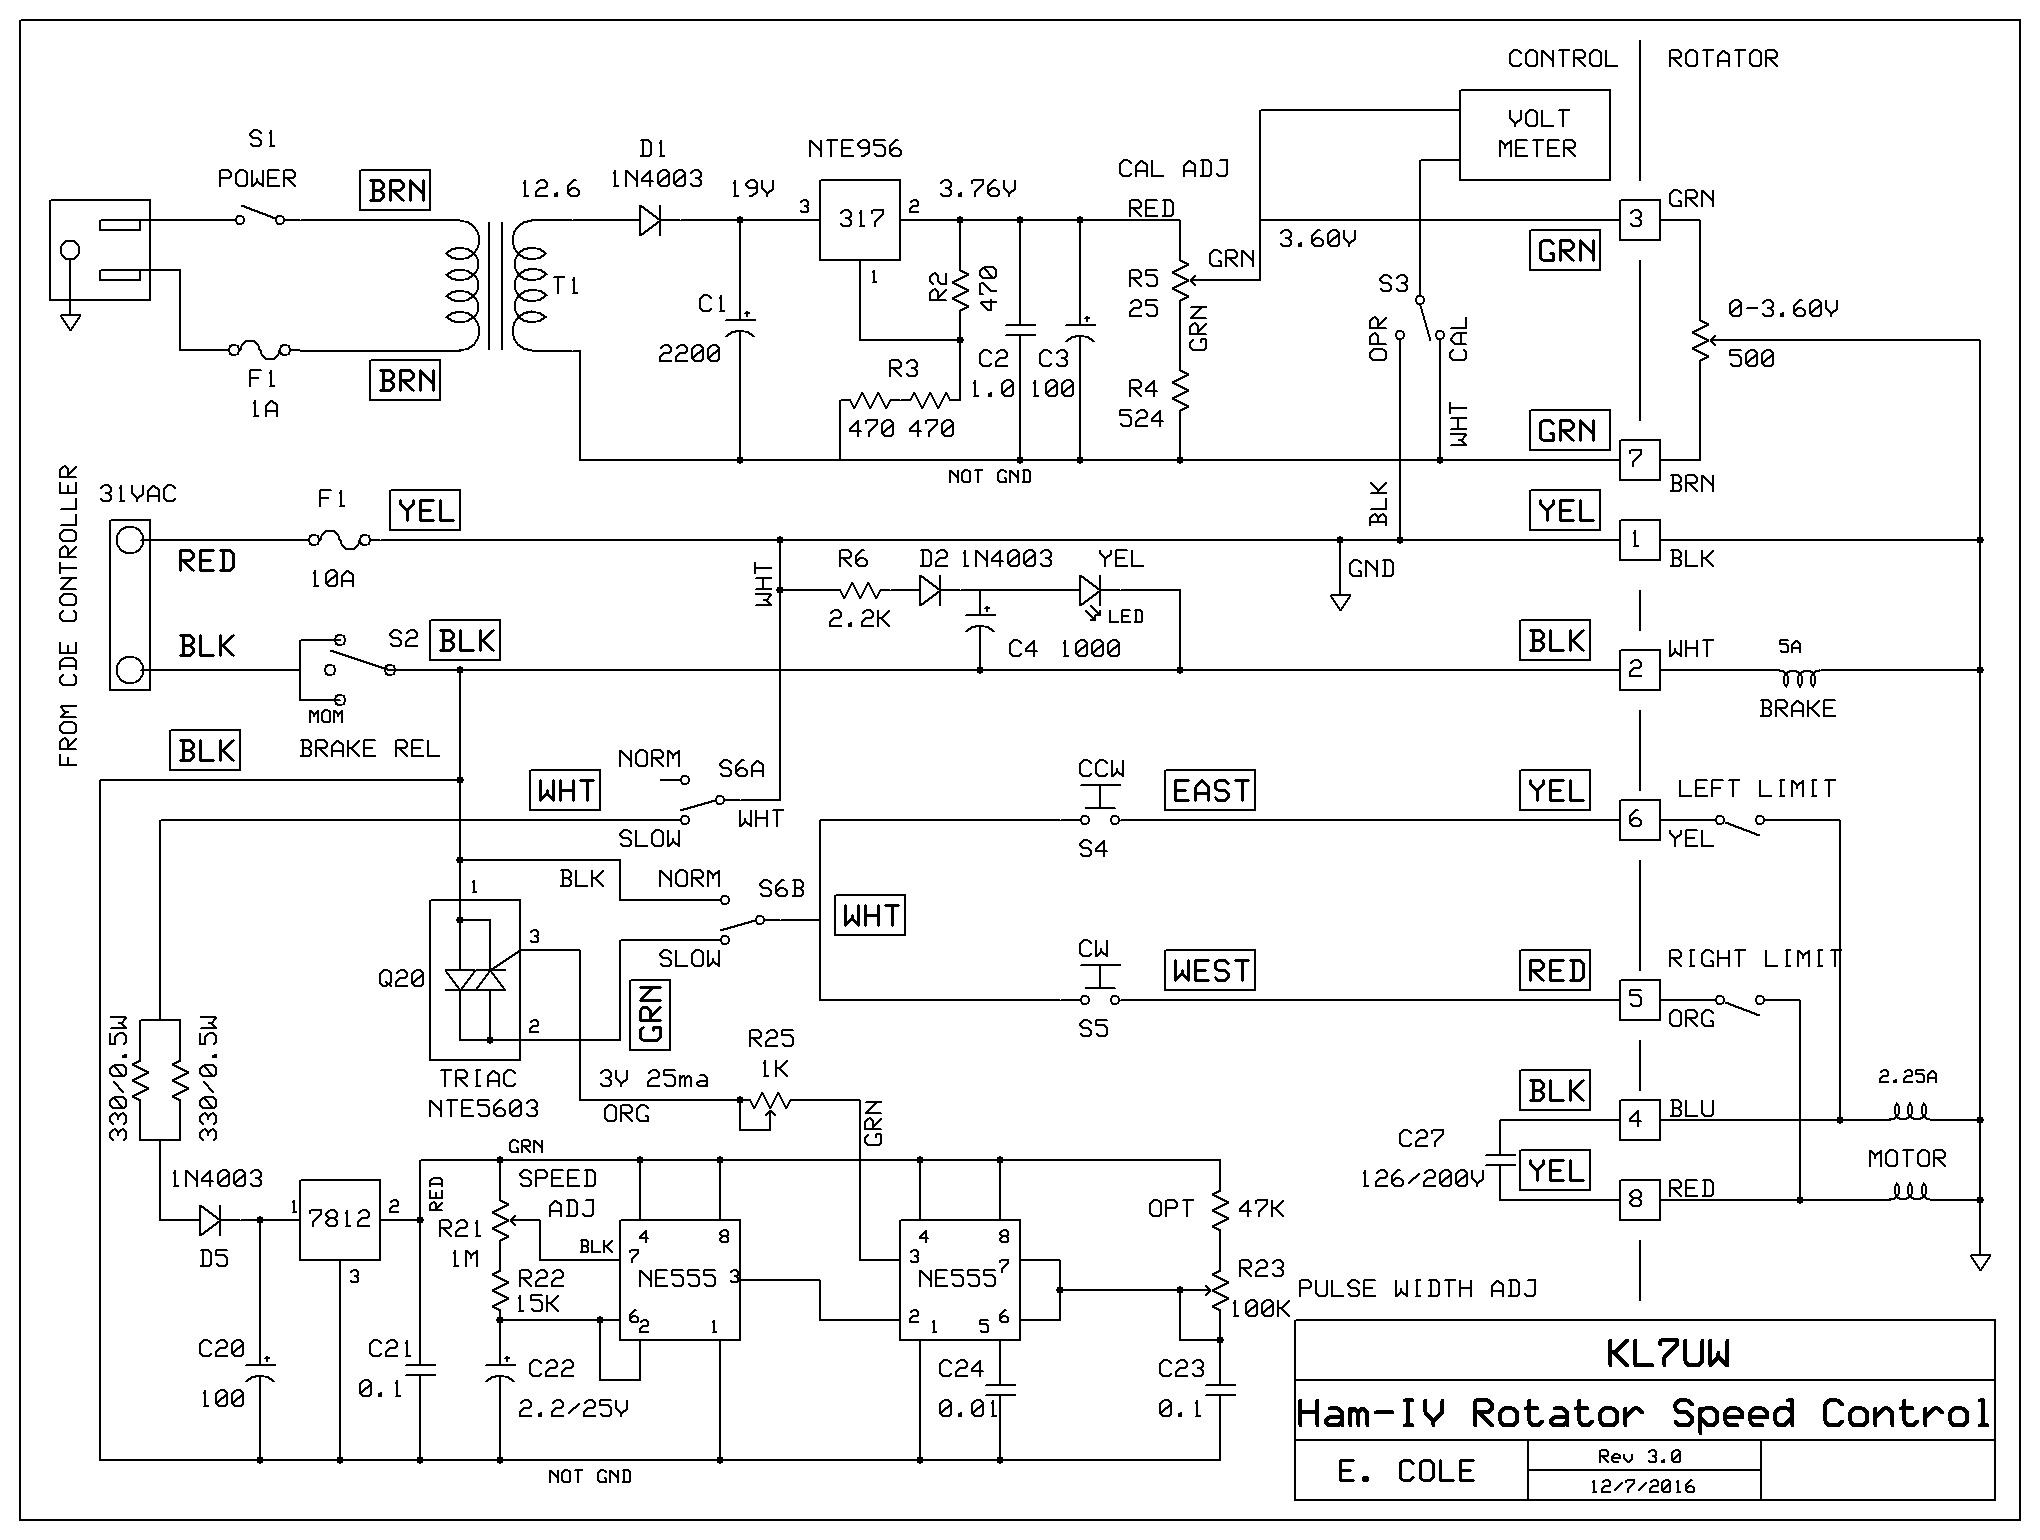 Ham Iv Wiring Diagram Great Installation Of Control Cde Rotor Todays Rh 2 13 1813weddingbarn Com 4